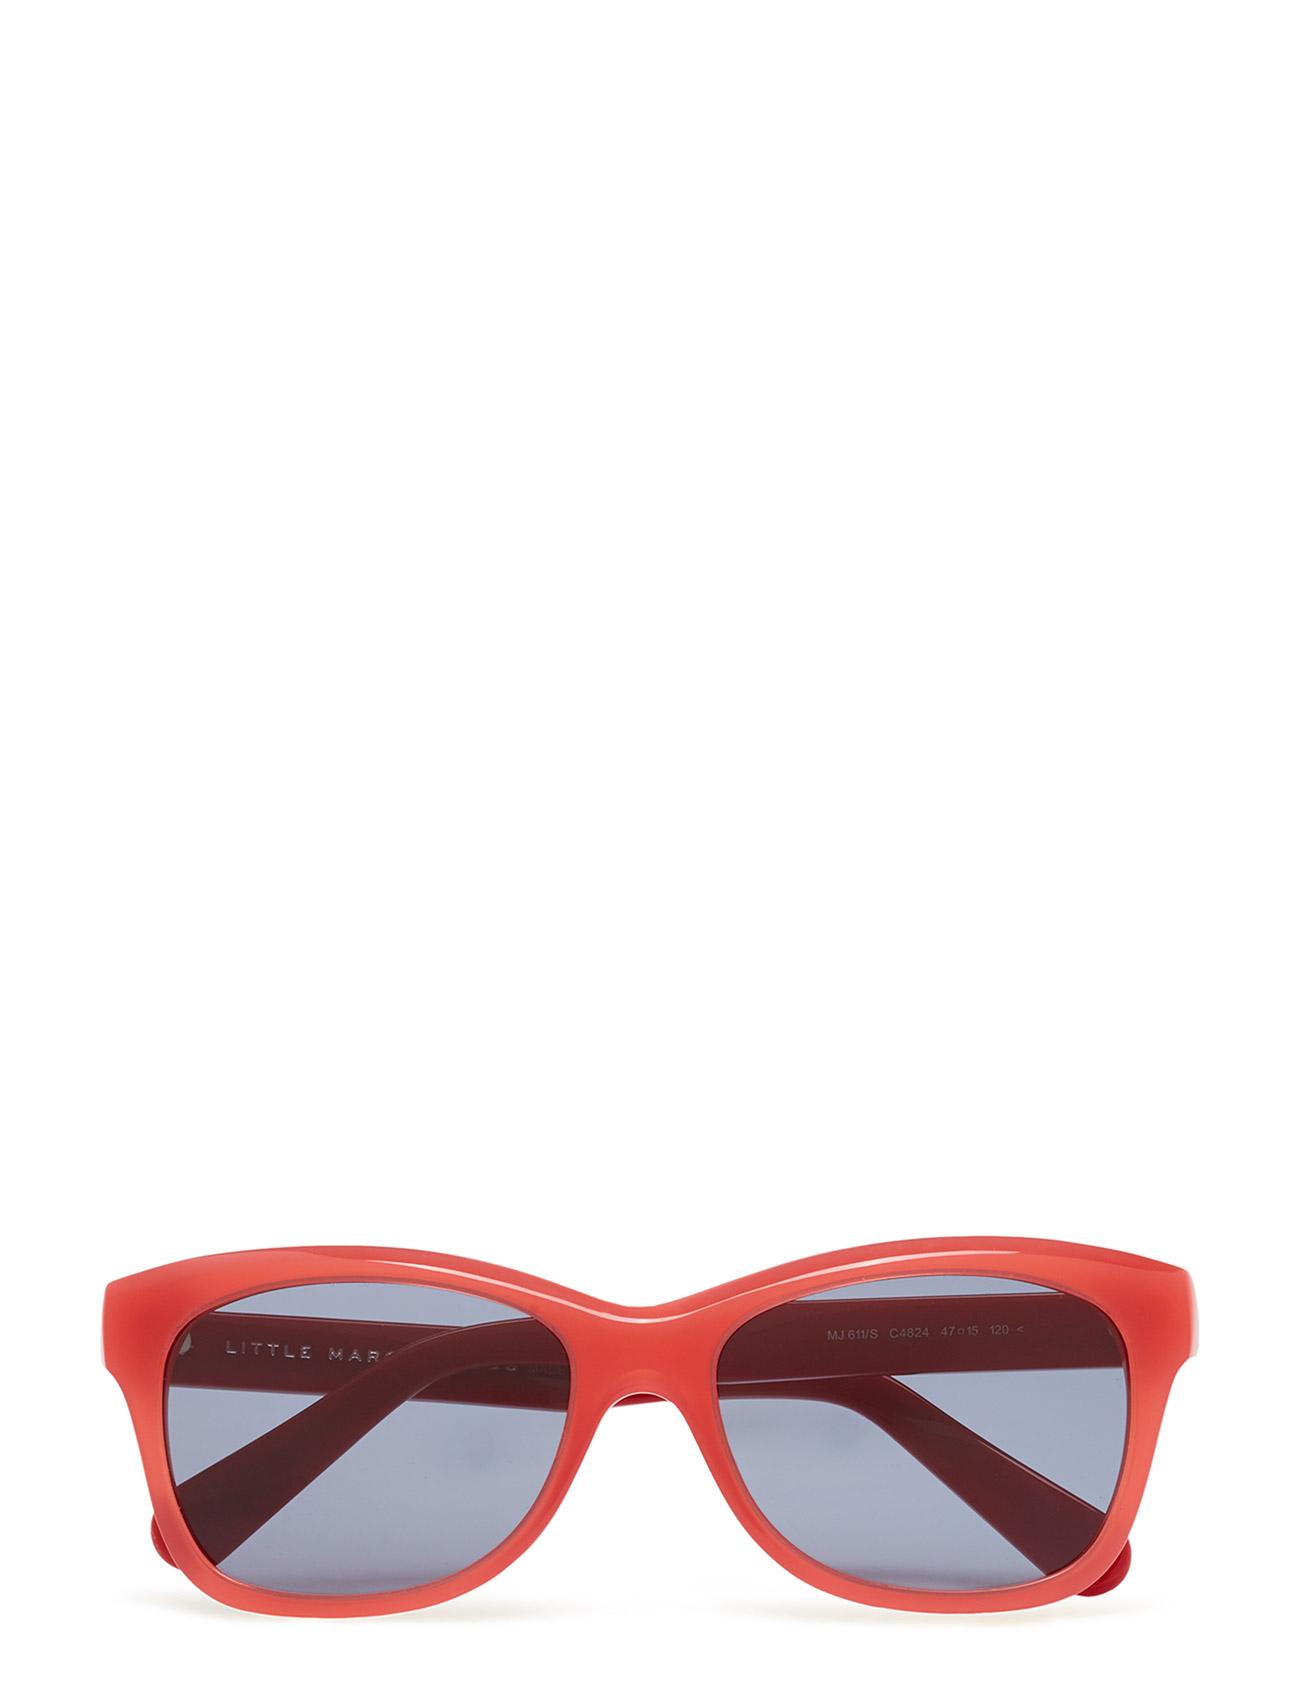 Little Marc Jacobs Sunglasses MJ 611/S